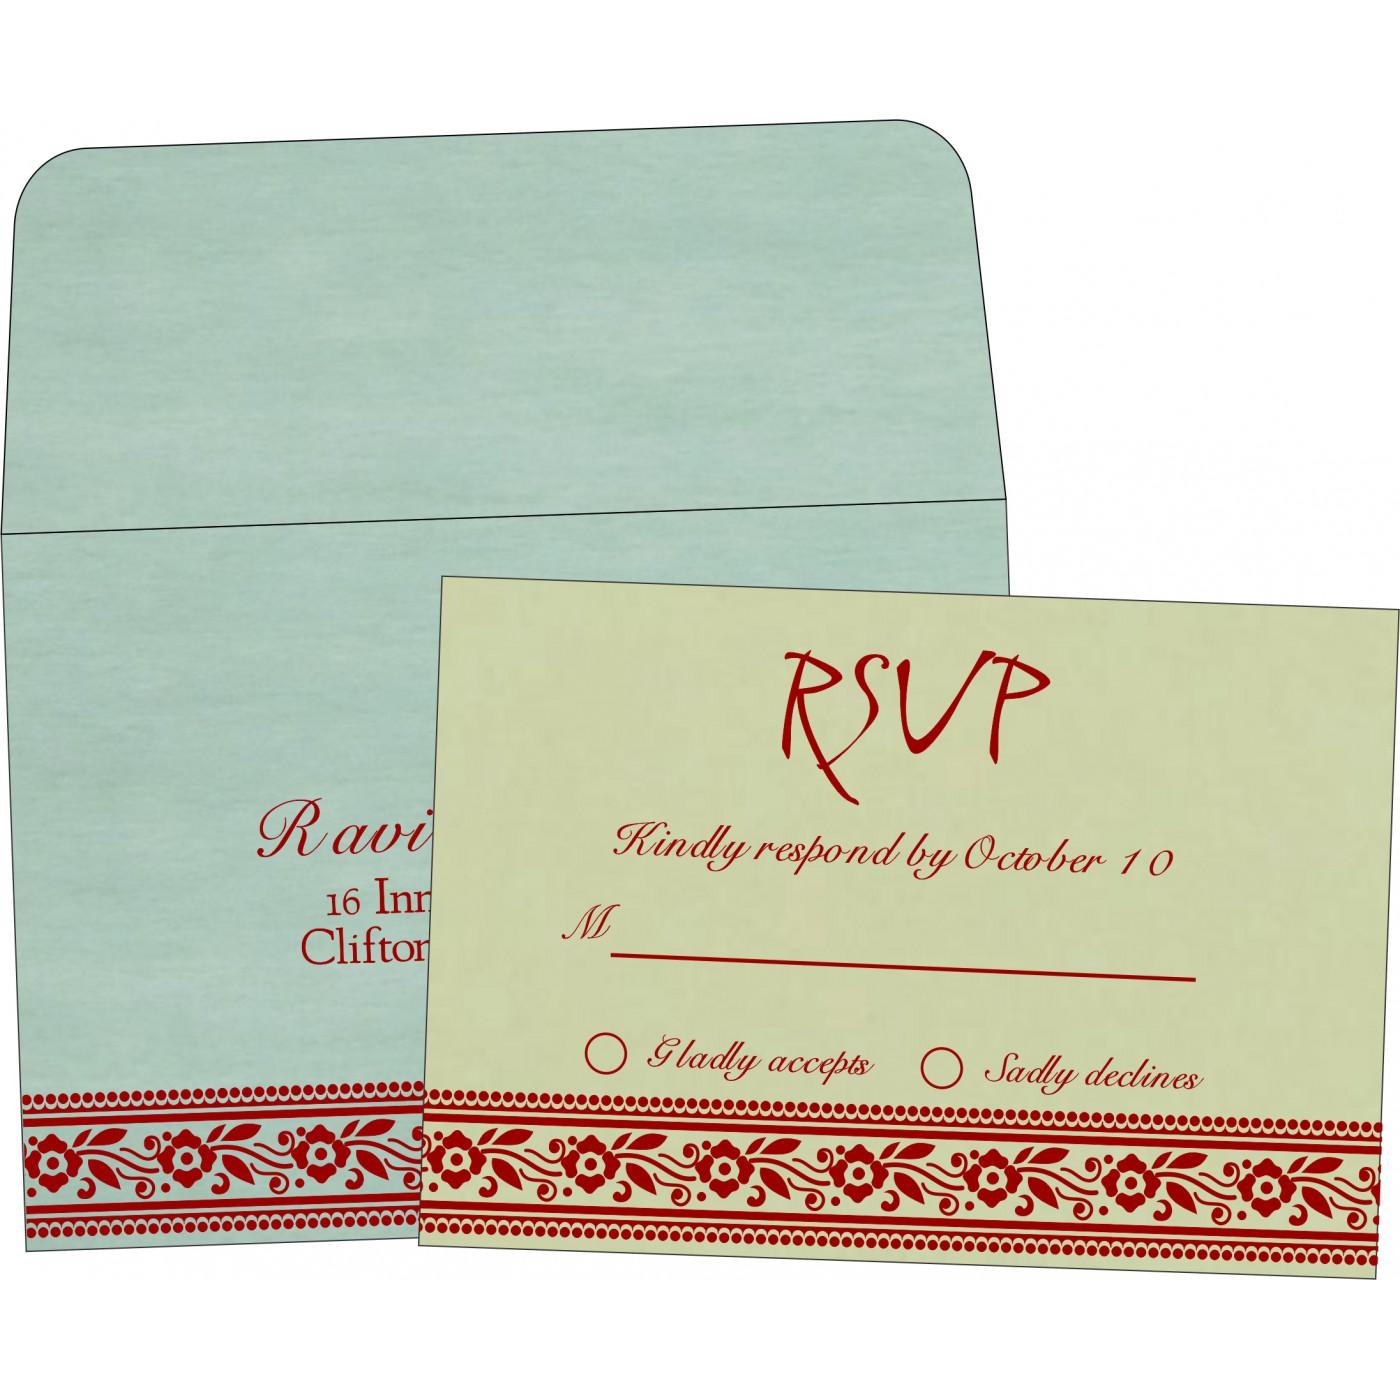 RSVP Cards - RSVP-8220G